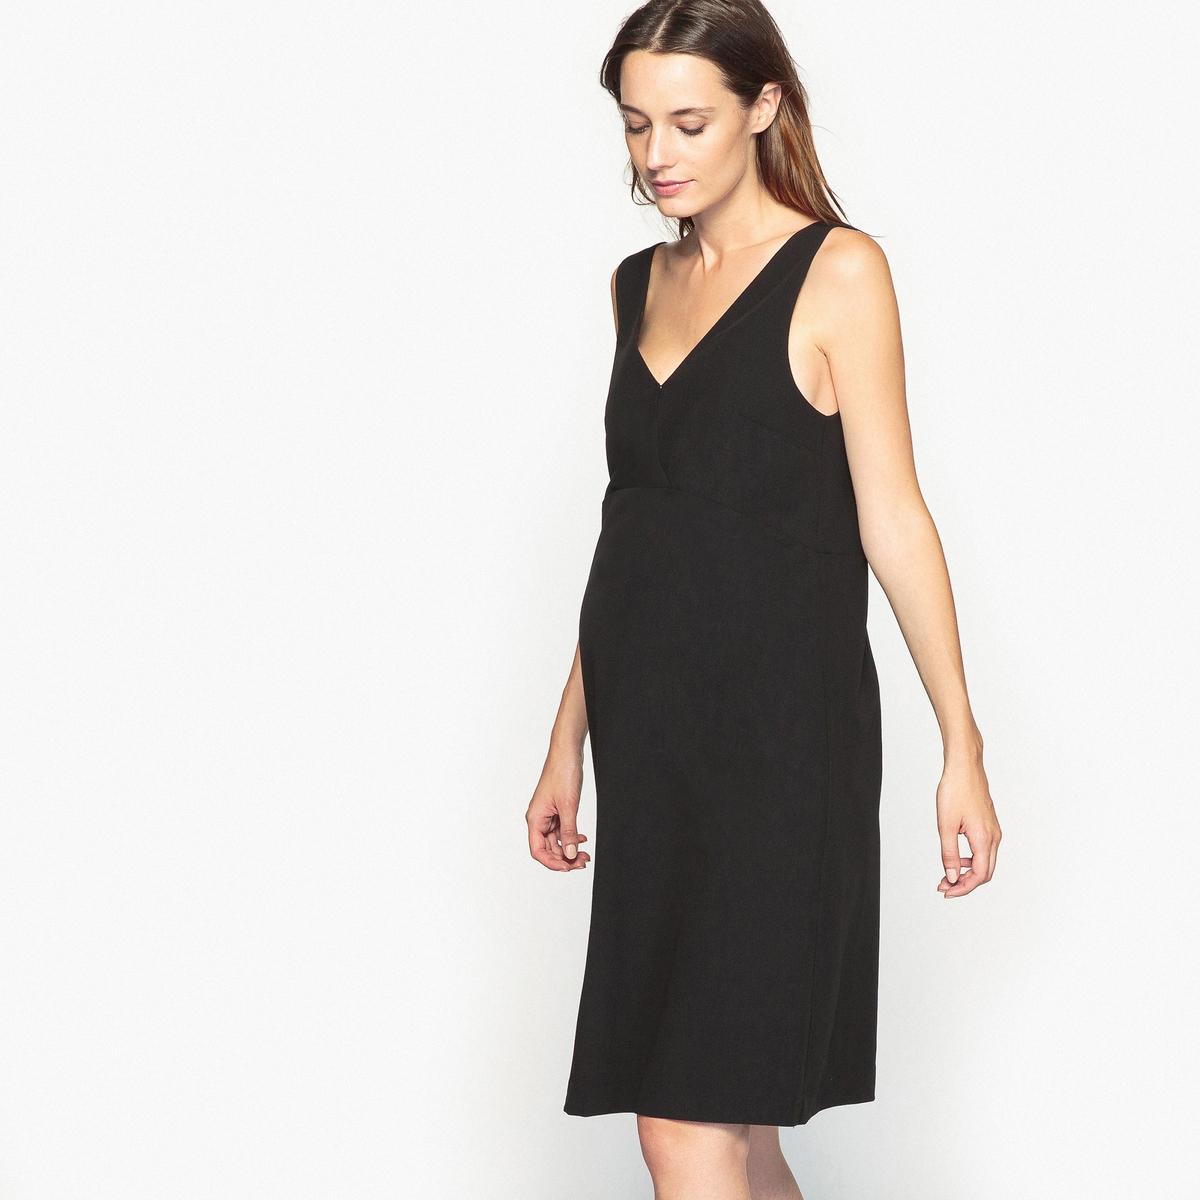 Платье с V-образным вырезом спереди и сзади для периода беременностиДетали •  Форма : прямая  •  Длина до колен •  Без рукавов     •   V-образный вырезСостав и уход •  19% вискозы, 7% эластана, 74% полиэстера •  Подкладка  : 100% полиэстер •  Температура стирки 30° на деликатном режиме   •  Сухая чистка и отбеливание запрещены    •  Не использовать барабанную сушку   •  Низкая температура глажки  Адаптировано для периода беременности<br><br>Цвет: черный